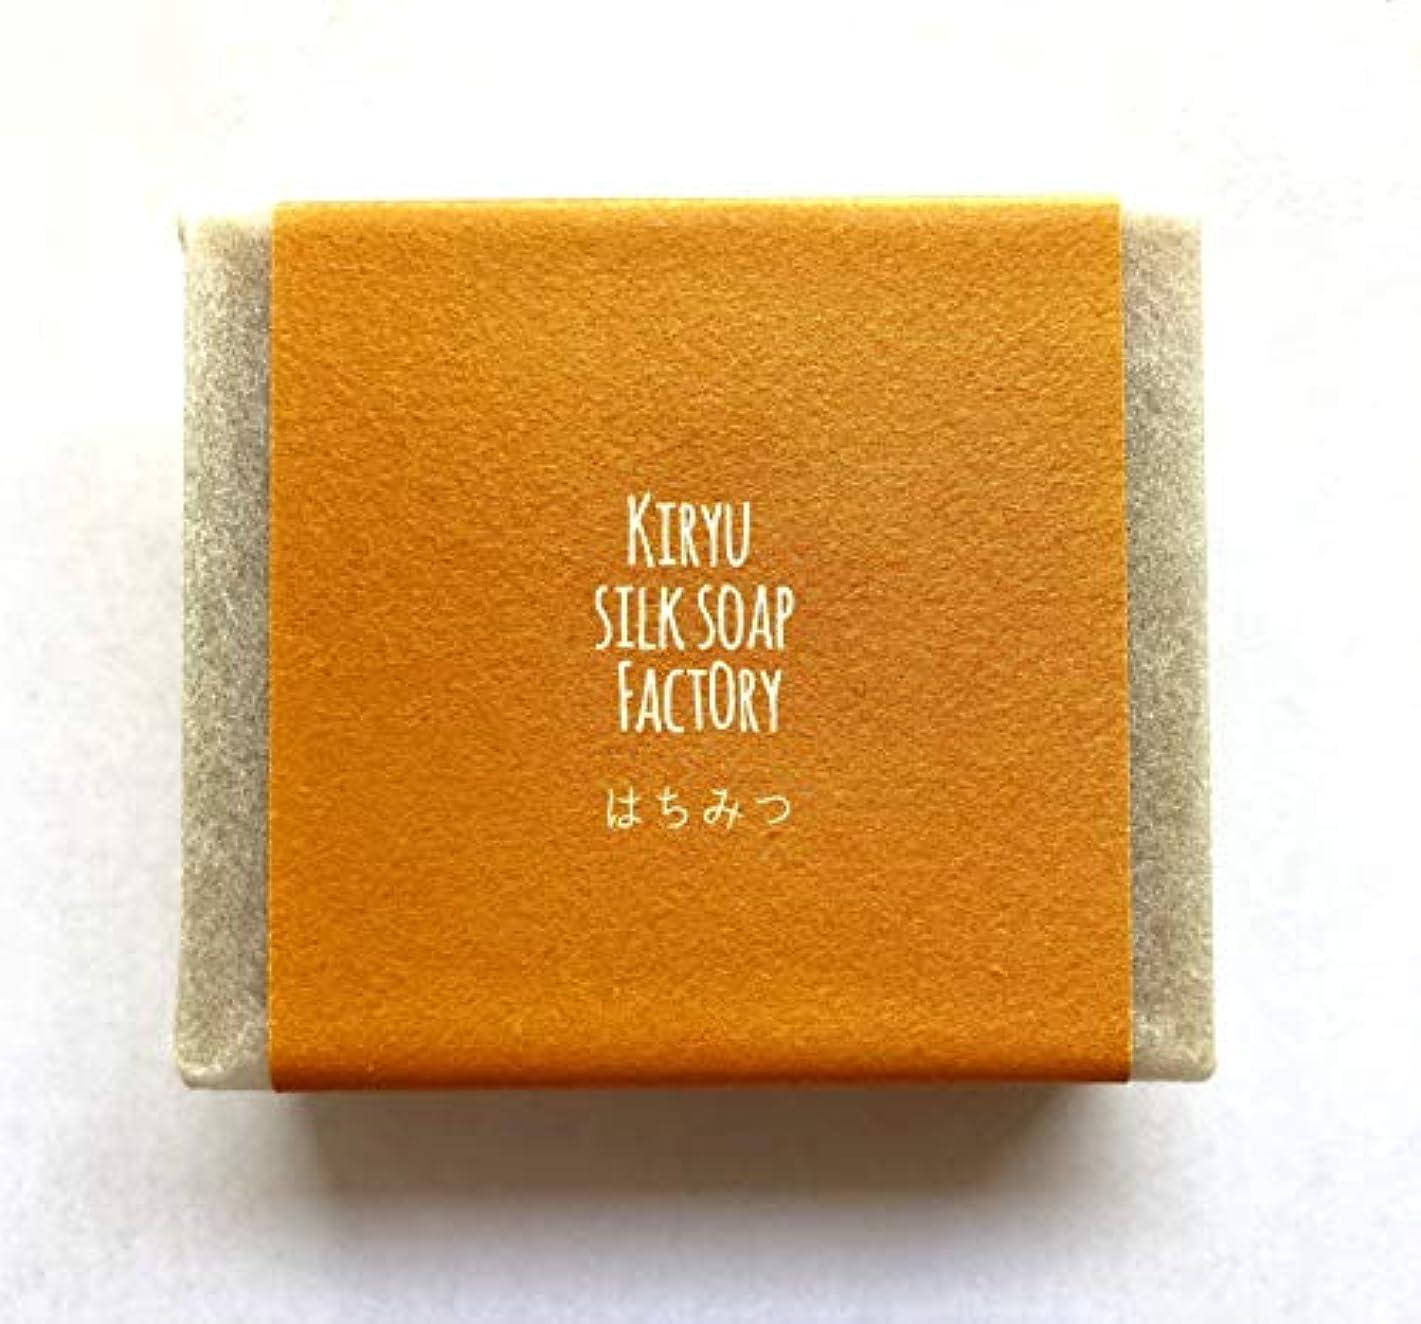 海外セールスマン下向き桐生絹せっけん工房 なま絹手練り石けん (無添加 コールドプロセス製法) (はちみつ, 90g)